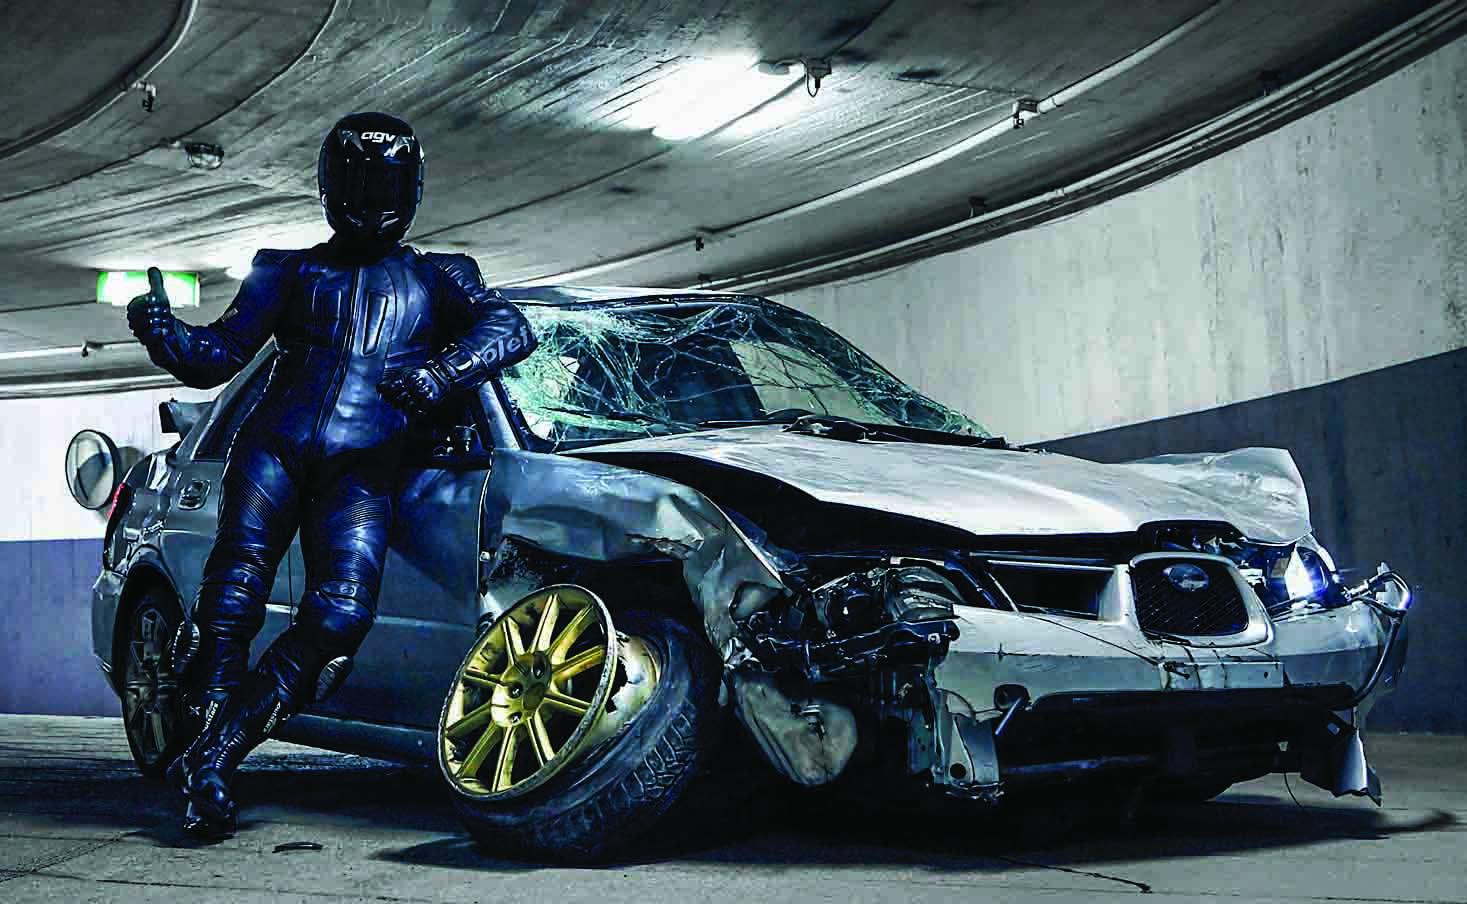 De Subaru waarmee Ghost Rider in zijn laatste film slechts nipt kon ontsnappen aan de politie.